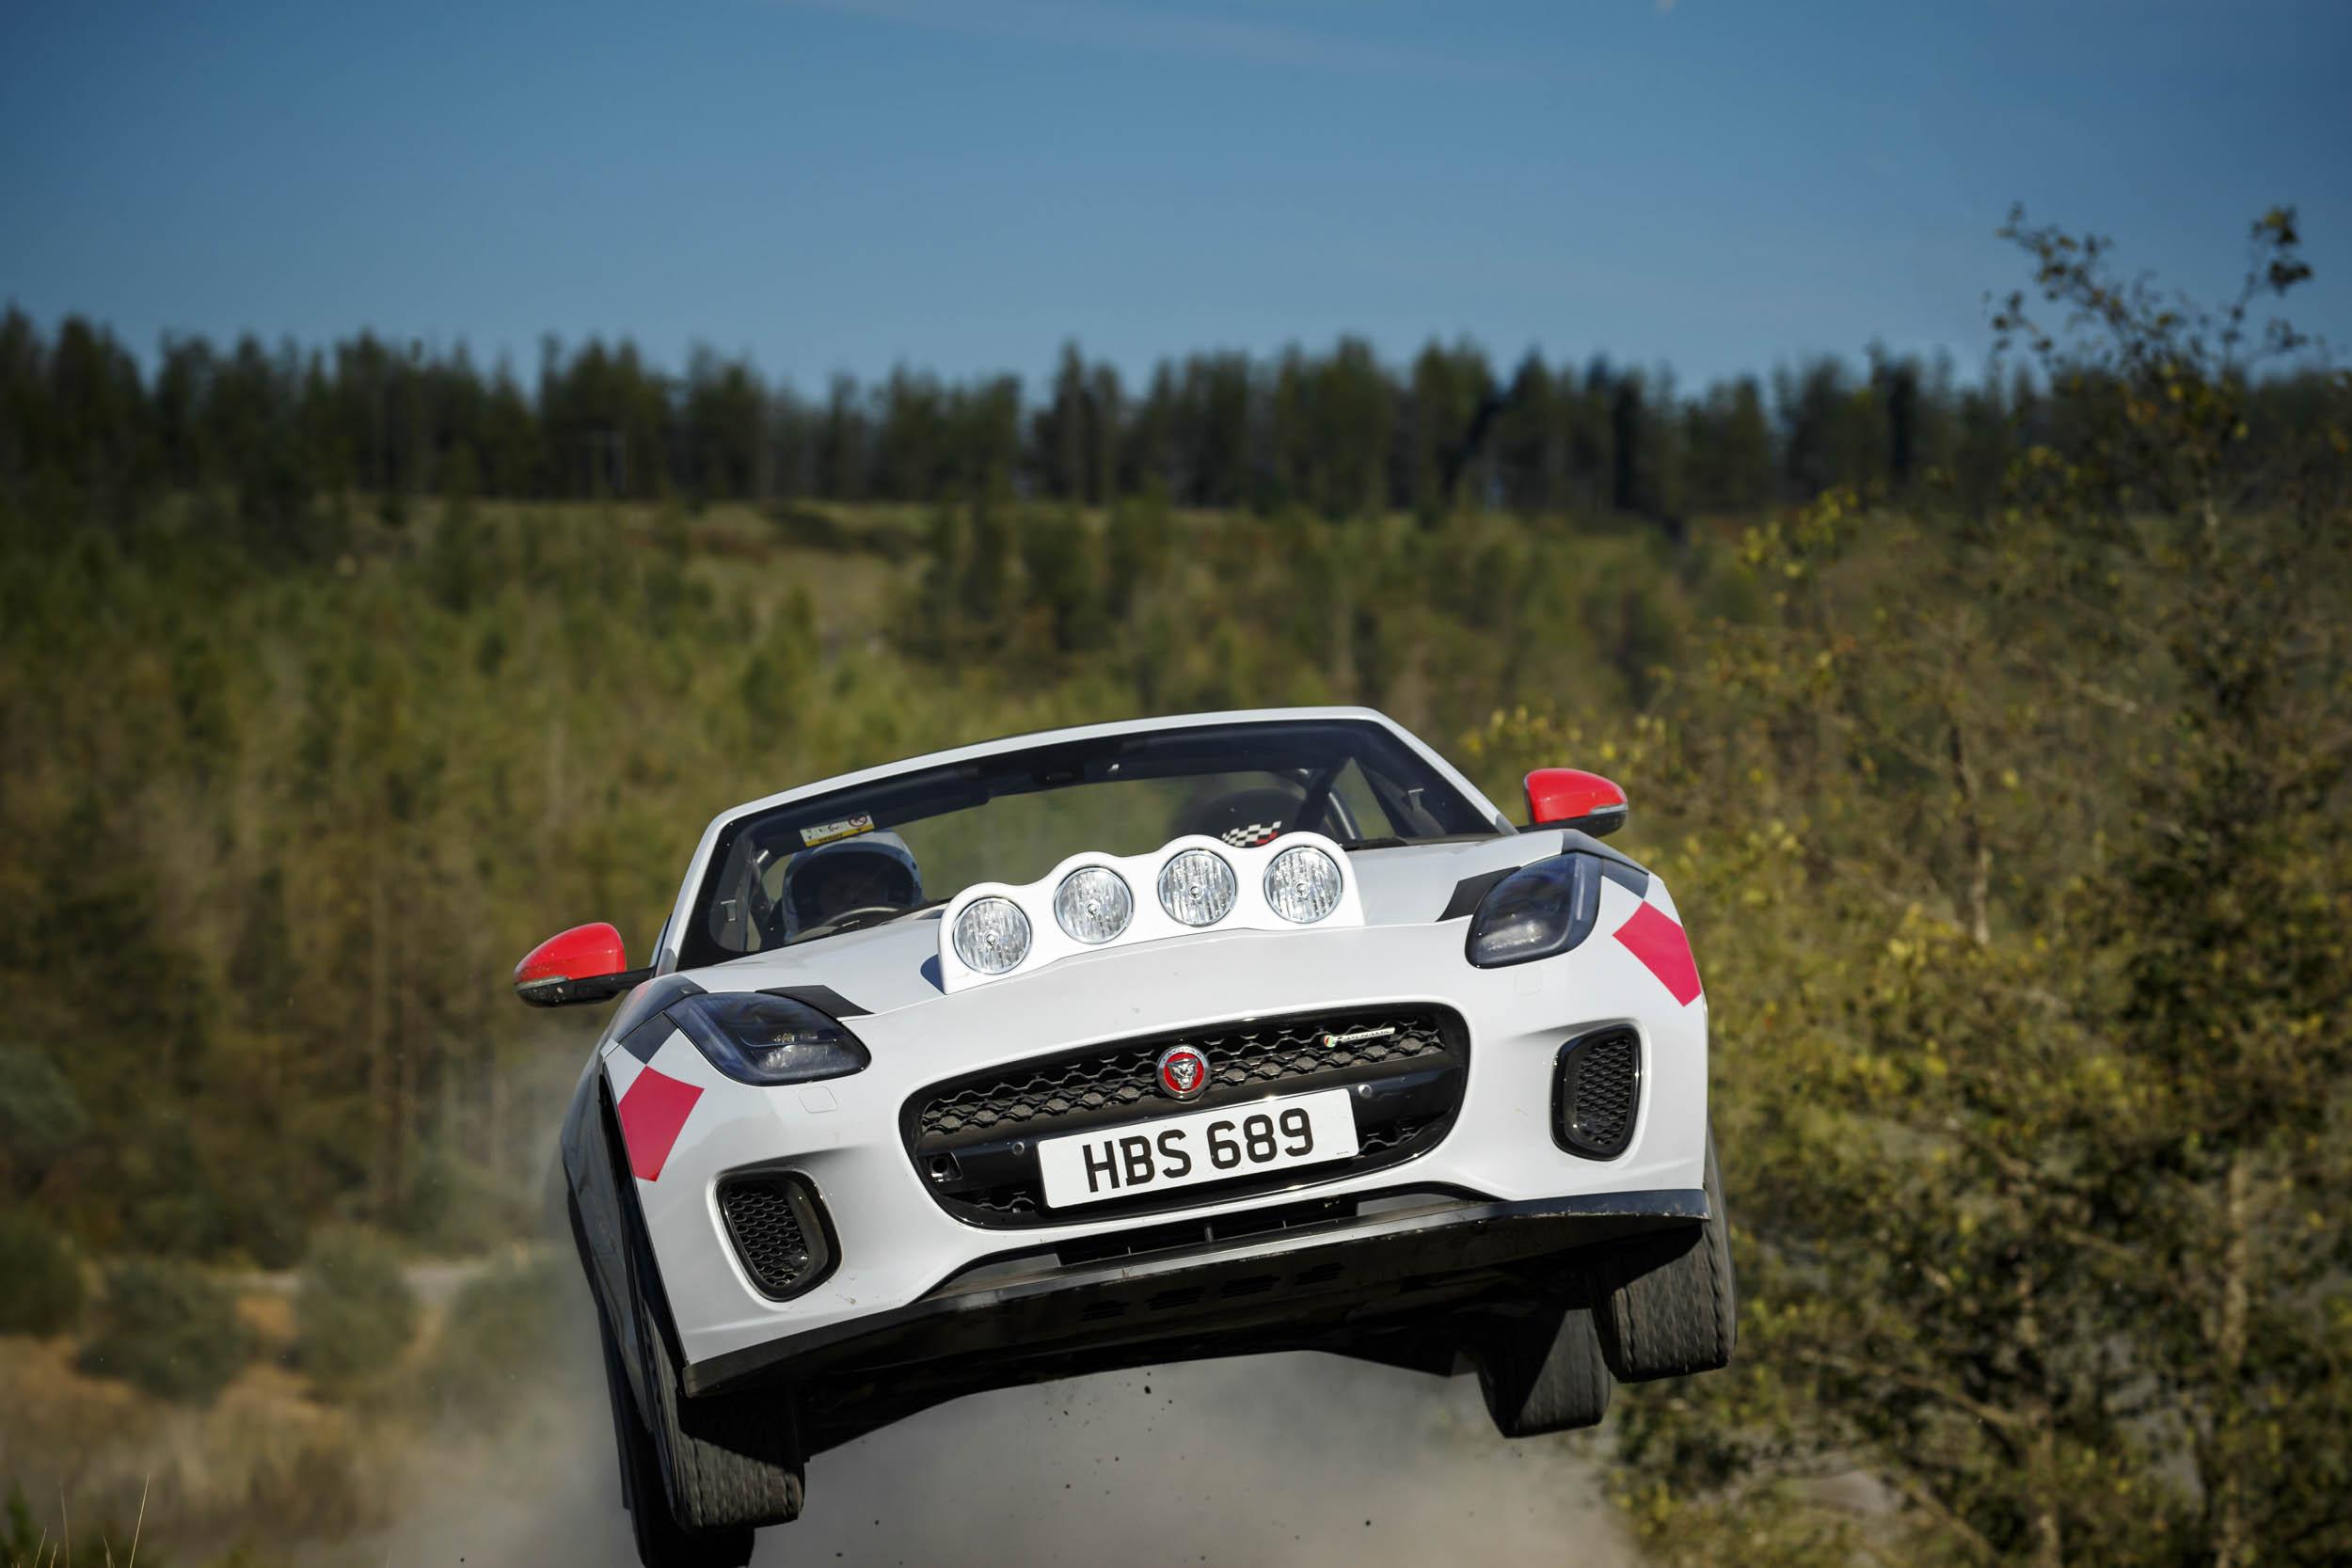 Jaguar F-type rally car jump